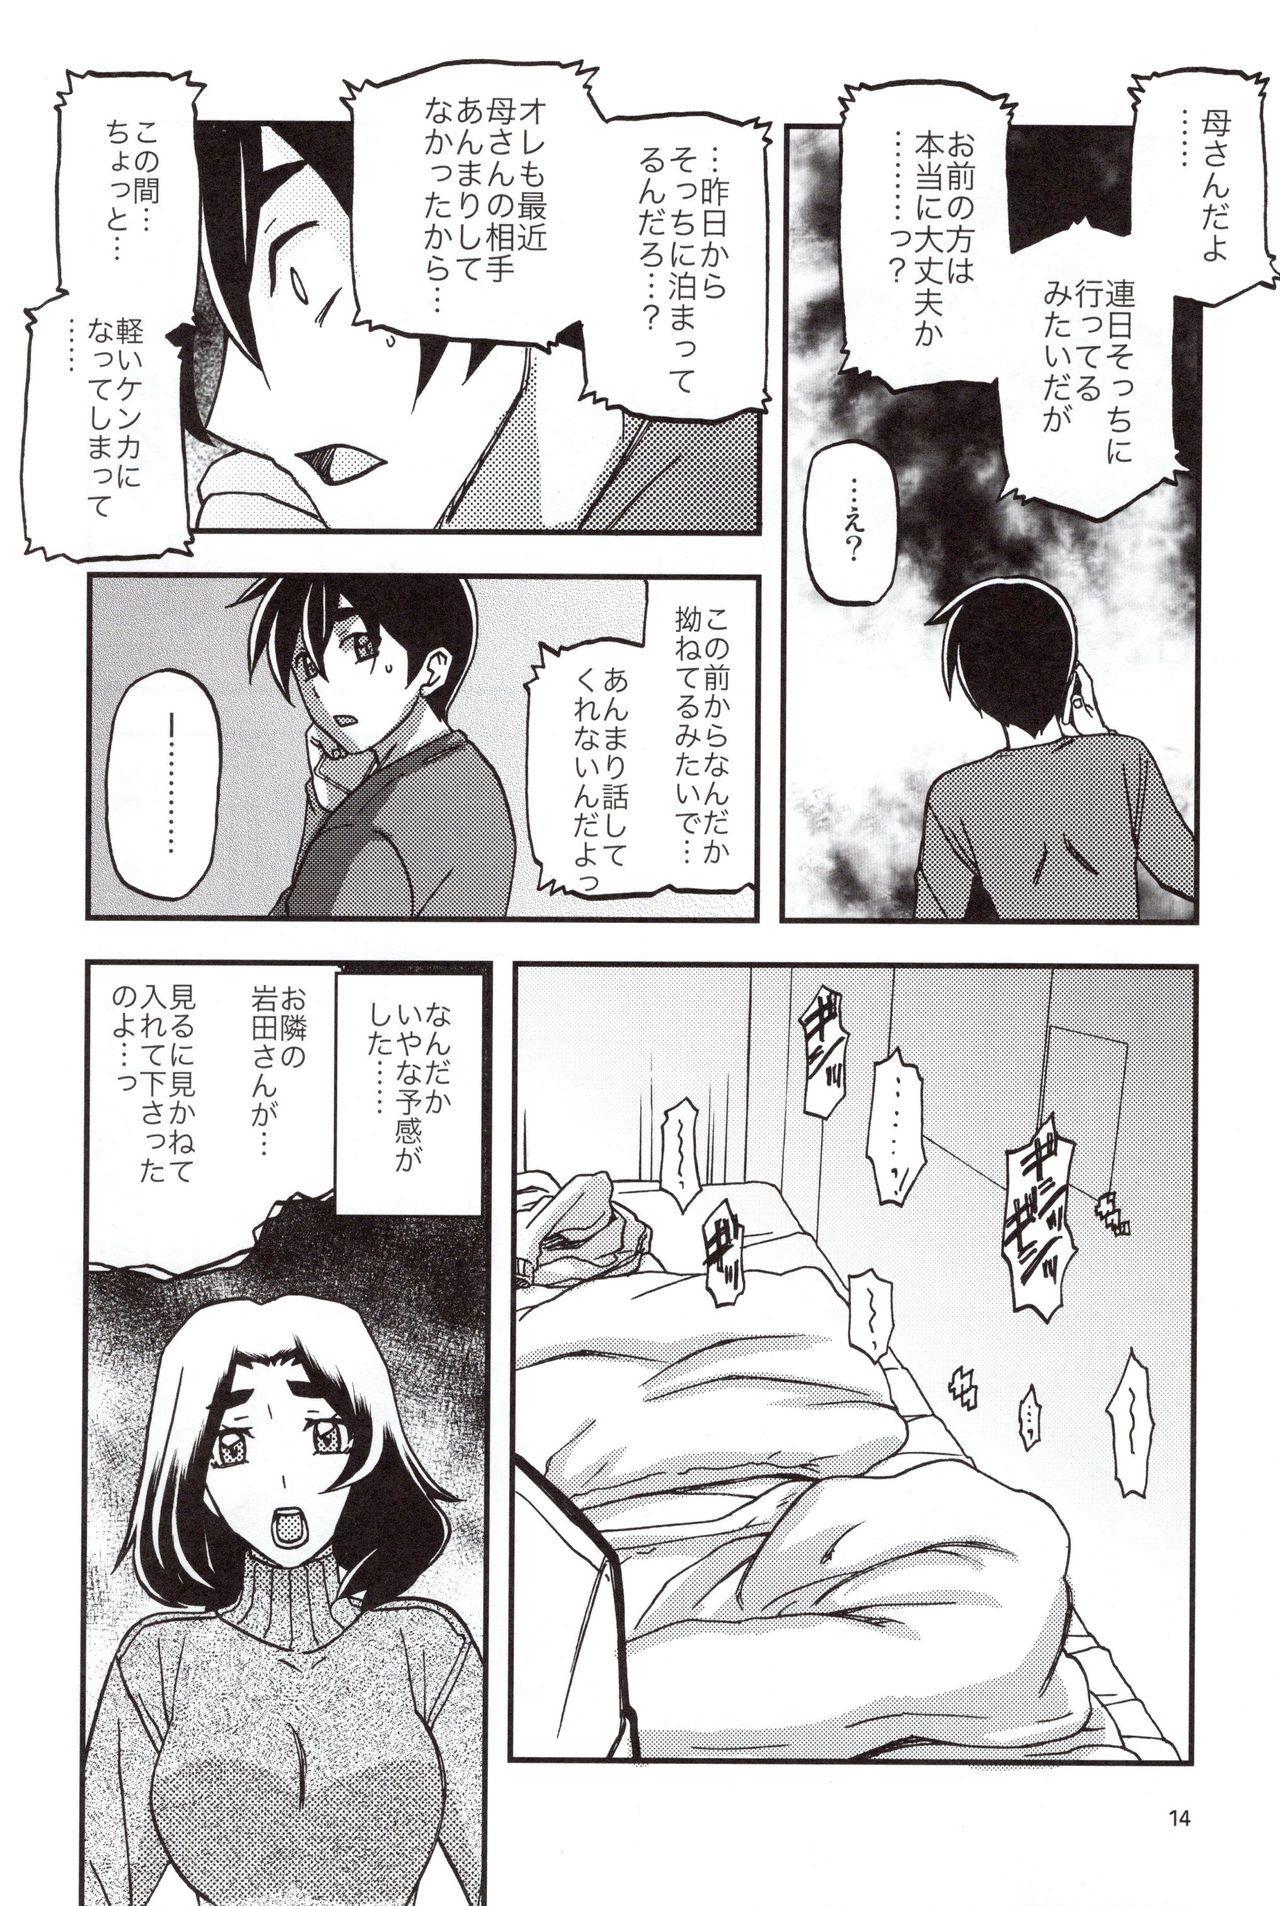 Yama Hime no Mi Orie 12